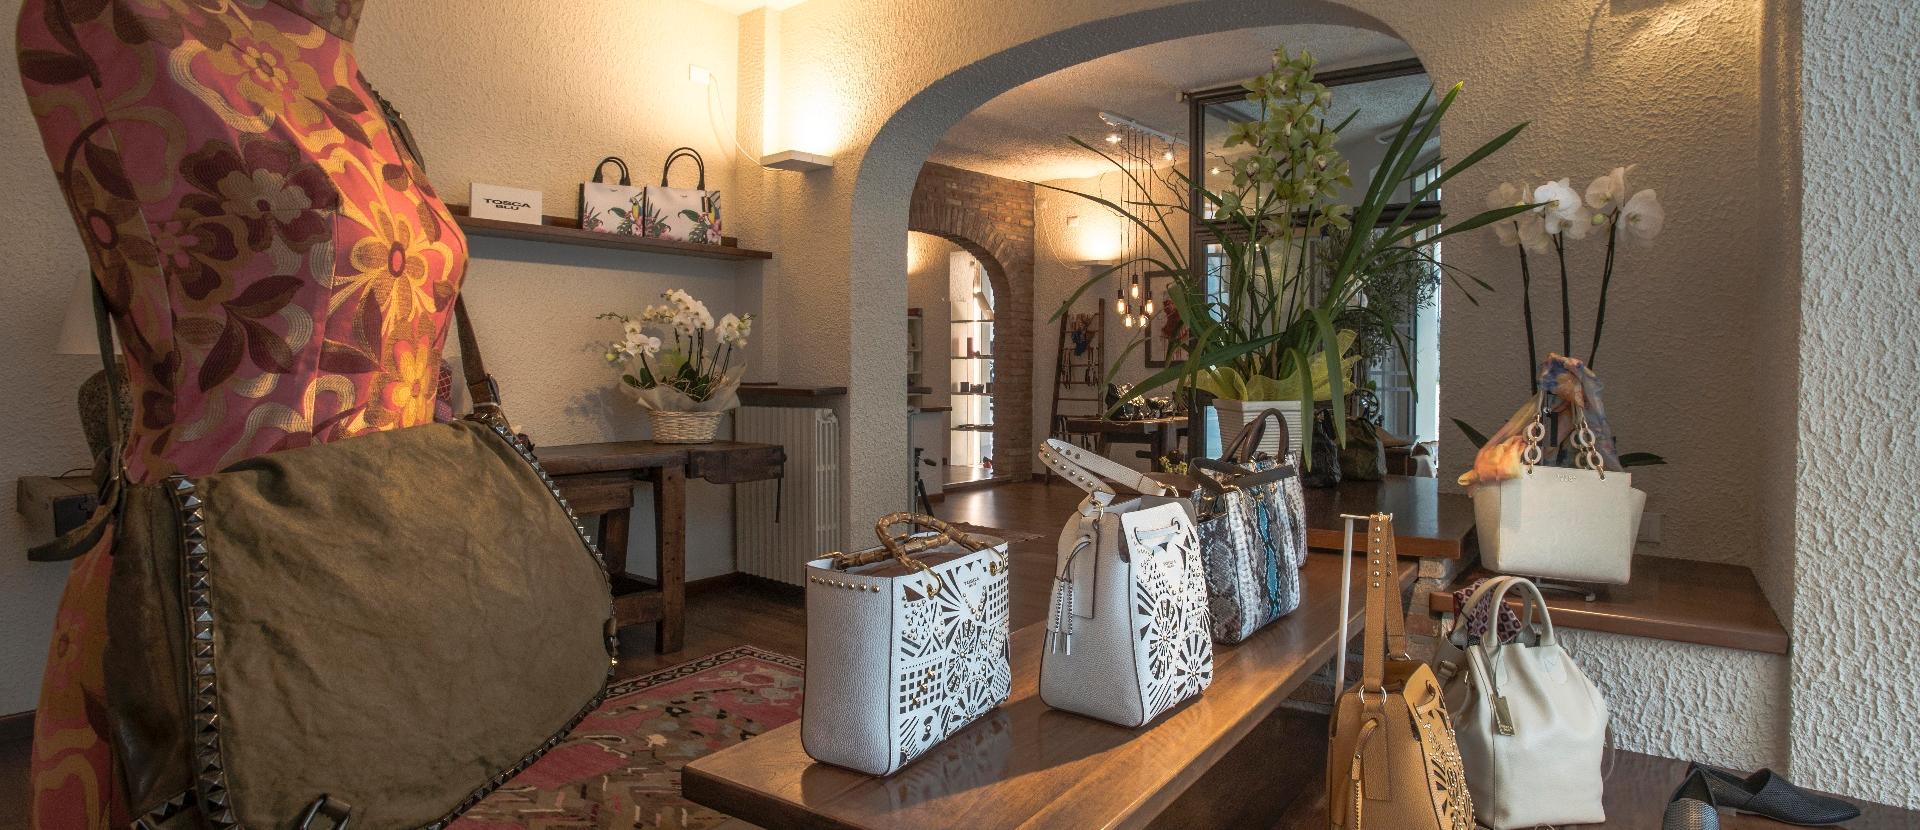 delle borse di pelle di color bianco in uno showroom